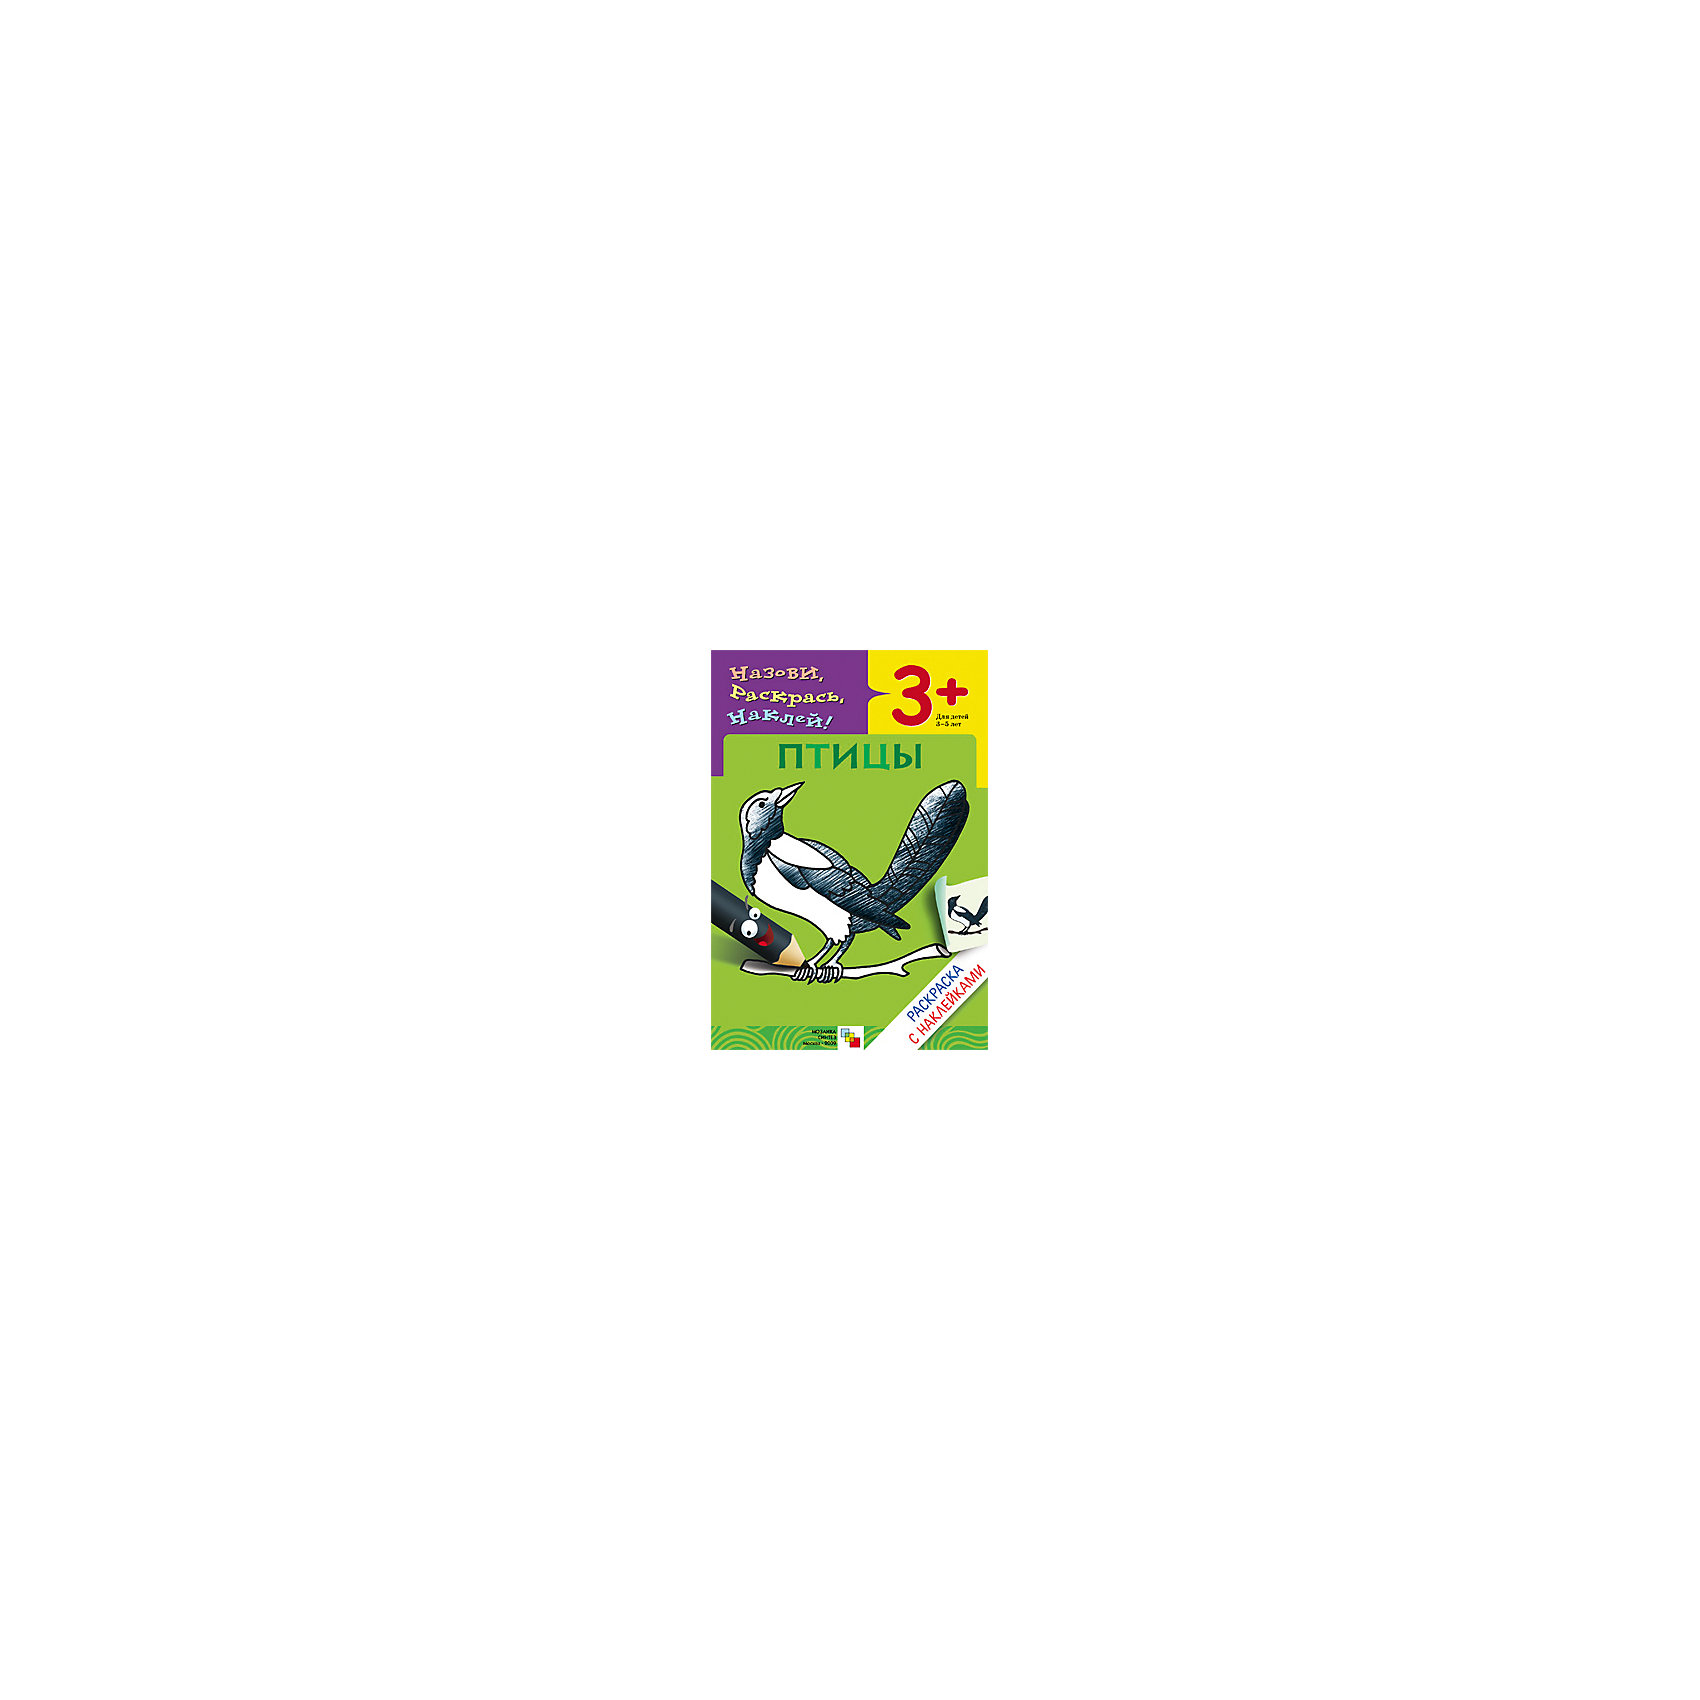 Раскраска с наклейками ПтицыРисование<br>Раскраска с наклейками «Птицы»<br><br>Характеристики:<br>• издательство: Мозаика-Синтез;<br>• размер: 24х0,2х17 см.;<br>• количество страниц: 8 <br>• тип обложки: мягкая<br>• иллюстрации: чёрно-белые;<br>• ISBN: 9785867756710;<br>• вес: 64 г.;<br>• для детей в возрасте: от 3х лет;<br>• страна производитель: Россия.<br>Развивающая книжка-раскраска из серии «Назови, раскрась, наклей!» предназначена для детей от трёх лет. С её помощью ребёнок сможет называть птиц, а потом раскрашивать их. Наклейки-подсказки помогут с выбором цвета для каждого вида птиц. Все птицы описаны в виде тематических забавных четверостиший, которые развлекут ребёнка. Занимаясь с книжкой-раскраской дети смогут развивать мелкую моторику рук, чувство цвета, творческие способности, логику. Слушая и запоминая стихи дети развивают память, словарный запас, учатся правильно формировать и строить предложения, запоминают основные правила русского языка. <br>Раскраску с наклейками «Птицы» можно купить в нашем интернет-магазине.<br><br>Ширина мм: 20<br>Глубина мм: 170<br>Высота мм: 240<br>Вес г: 55<br>Возраст от месяцев: 36<br>Возраст до месяцев: 60<br>Пол: Унисекс<br>Возраст: Детский<br>SKU: 5562601